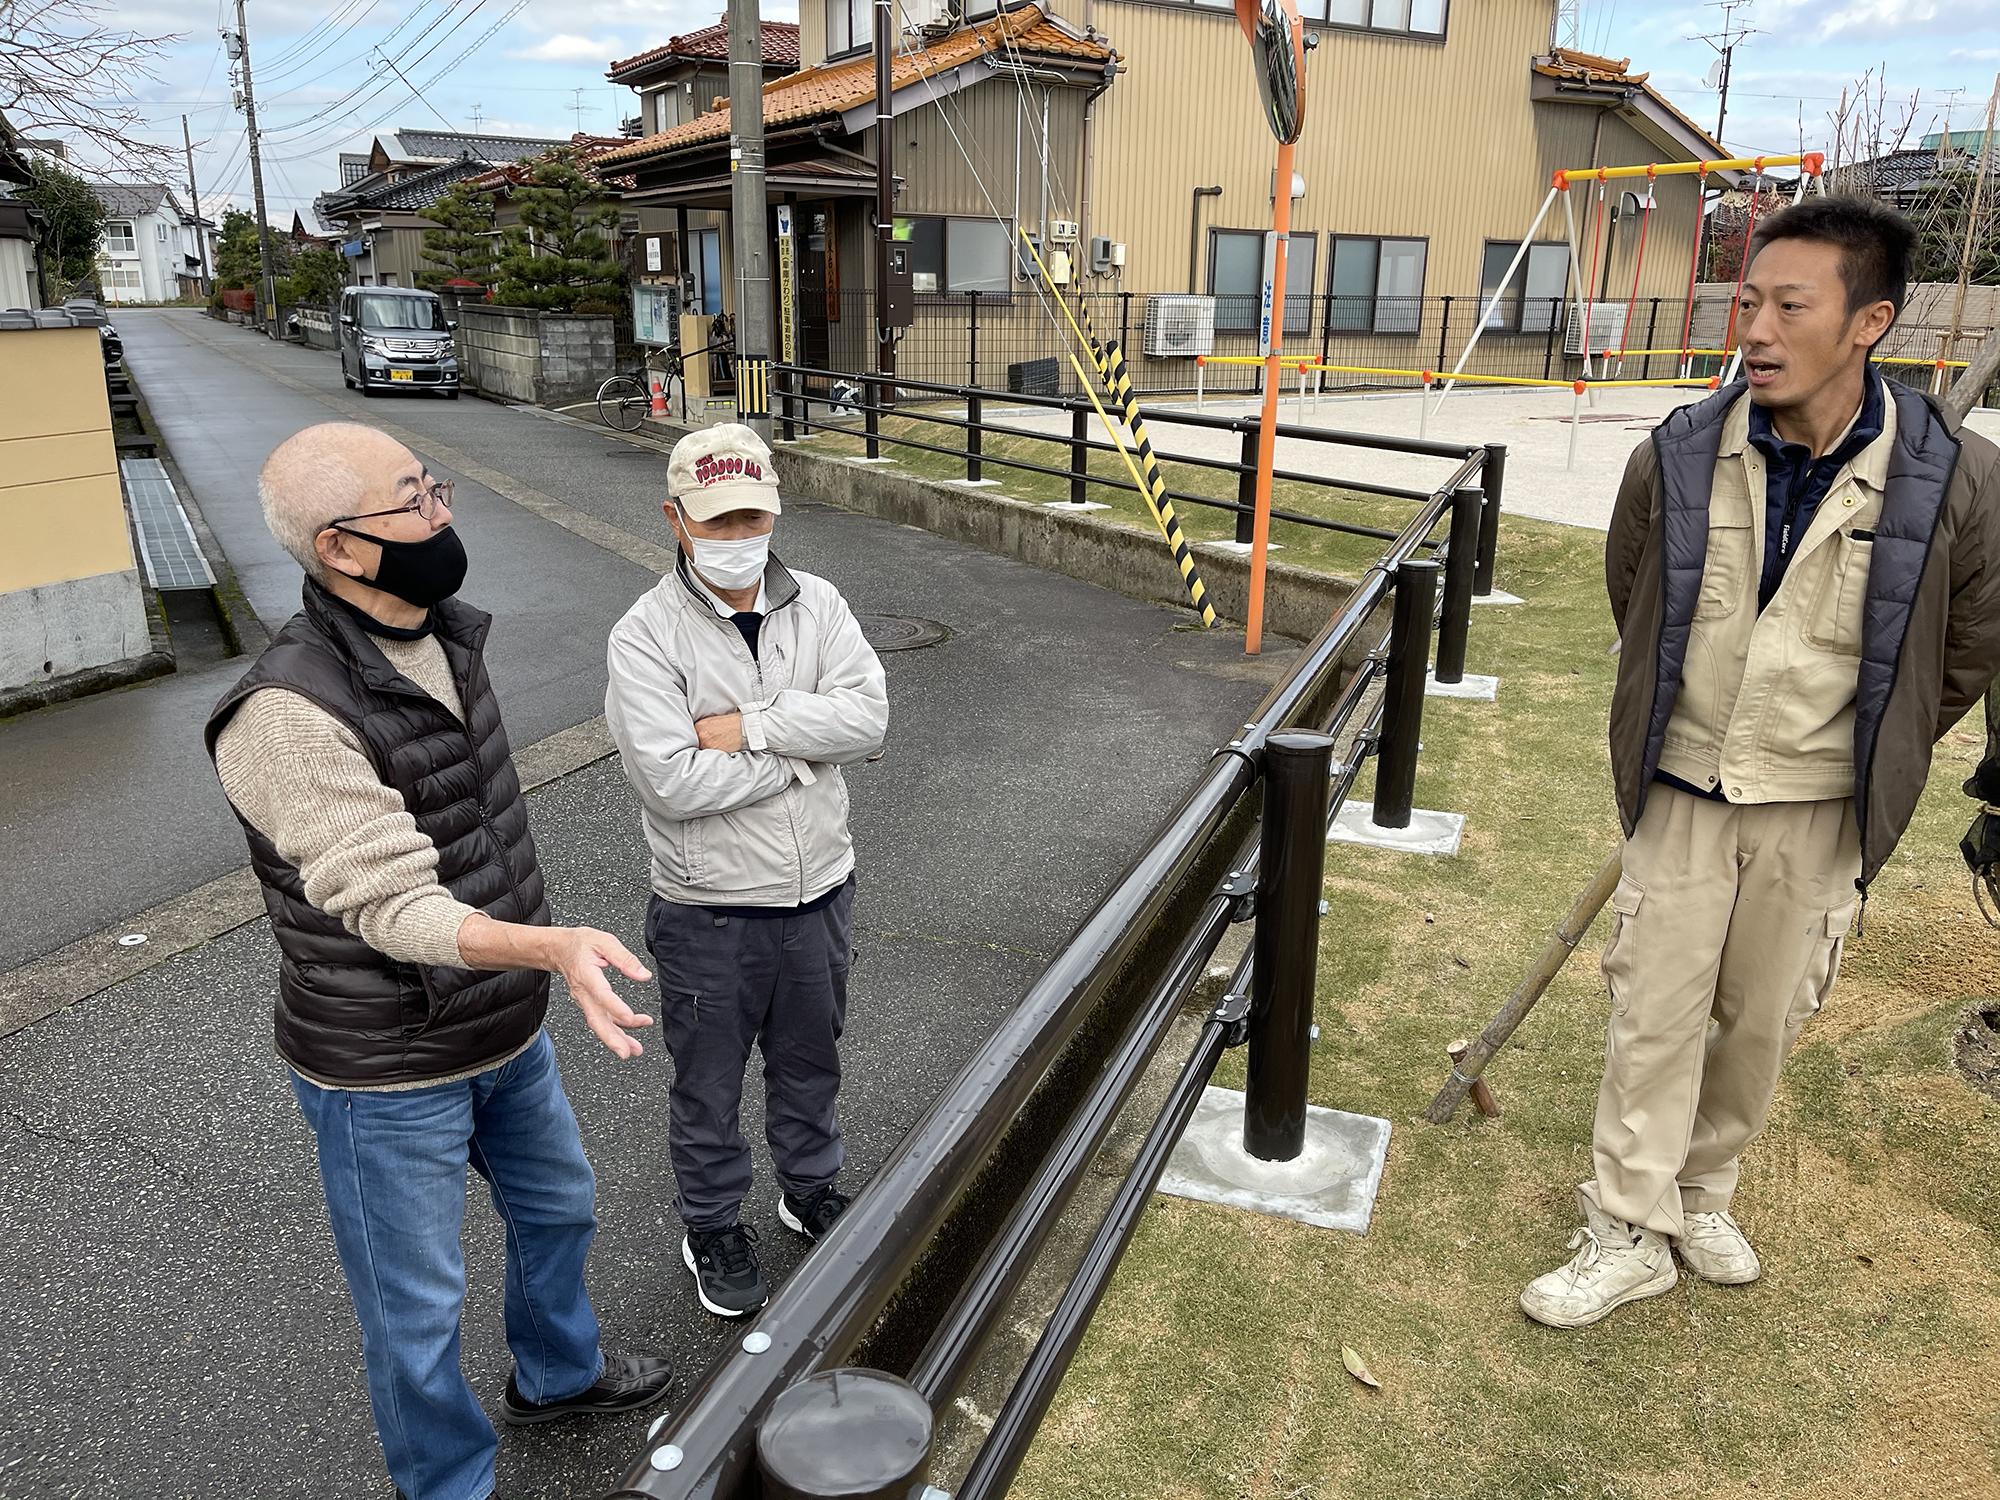 取材中、近所の人から新しい公園について質問が。真摯に答える中曽根さん